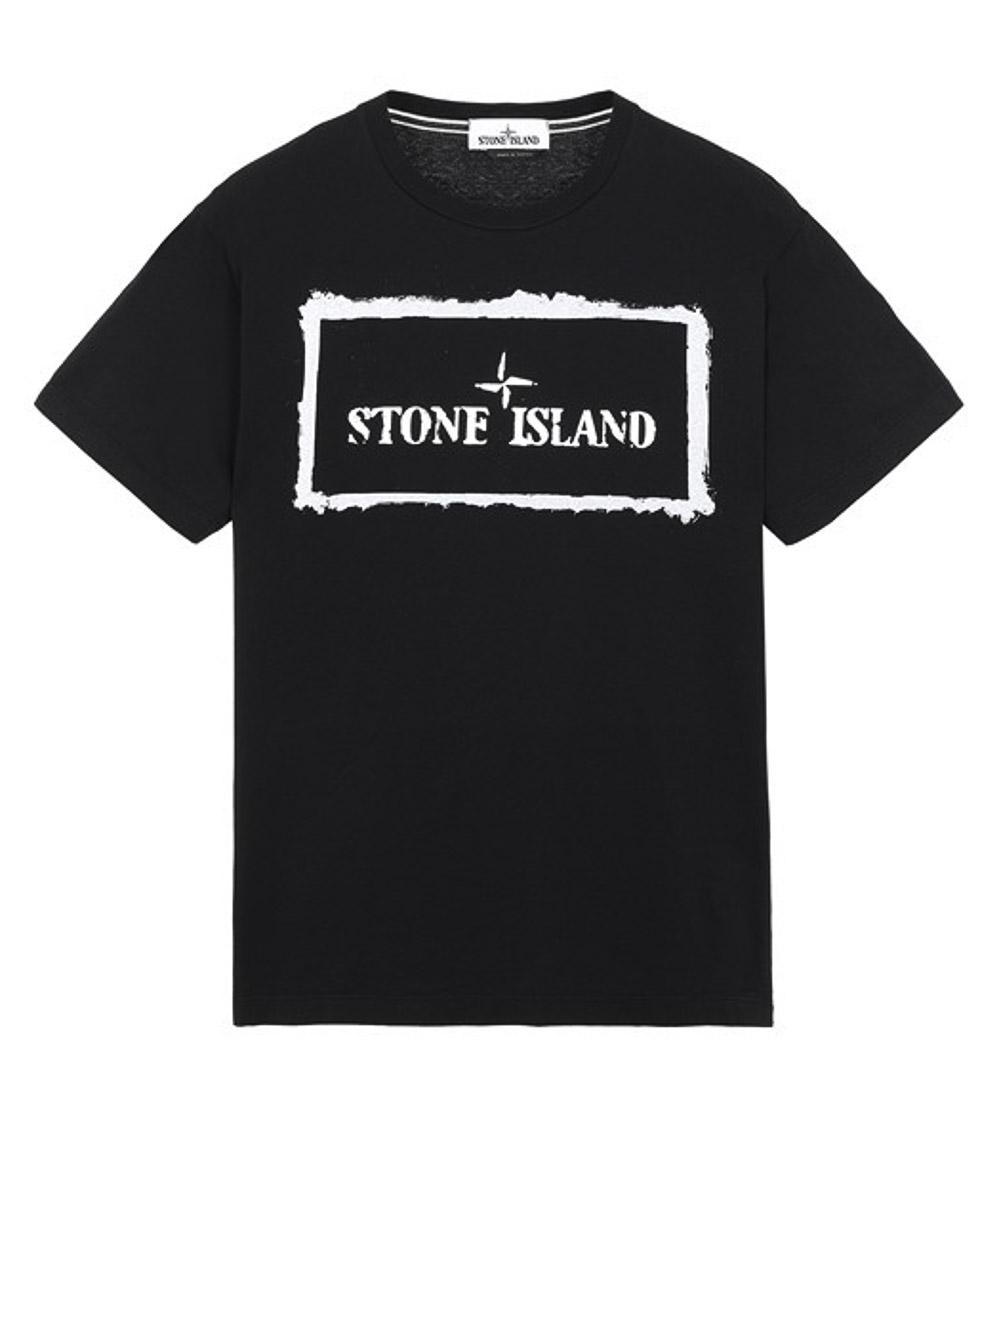 STONE ISLAND Μπλούζα T-Shirt MO74152NS80-V0029 ΜΑΥΡΟ